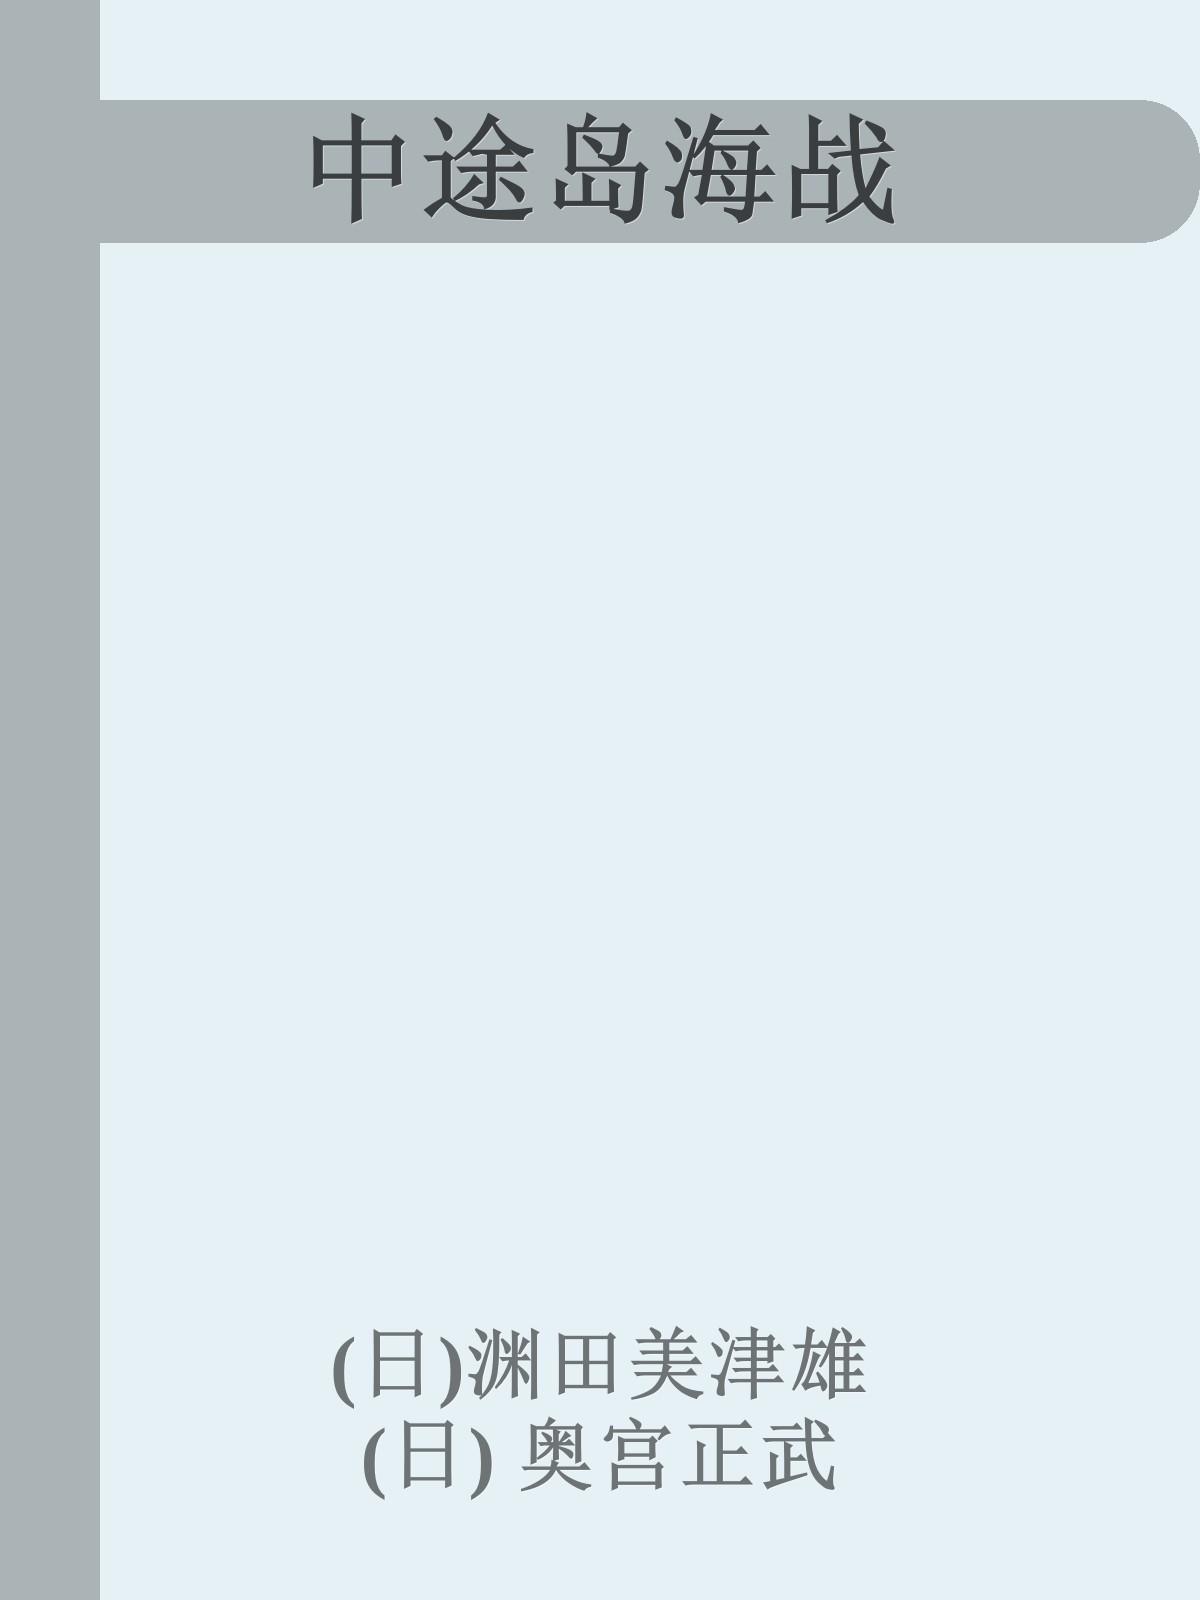 中途岛海战-免费小说下载